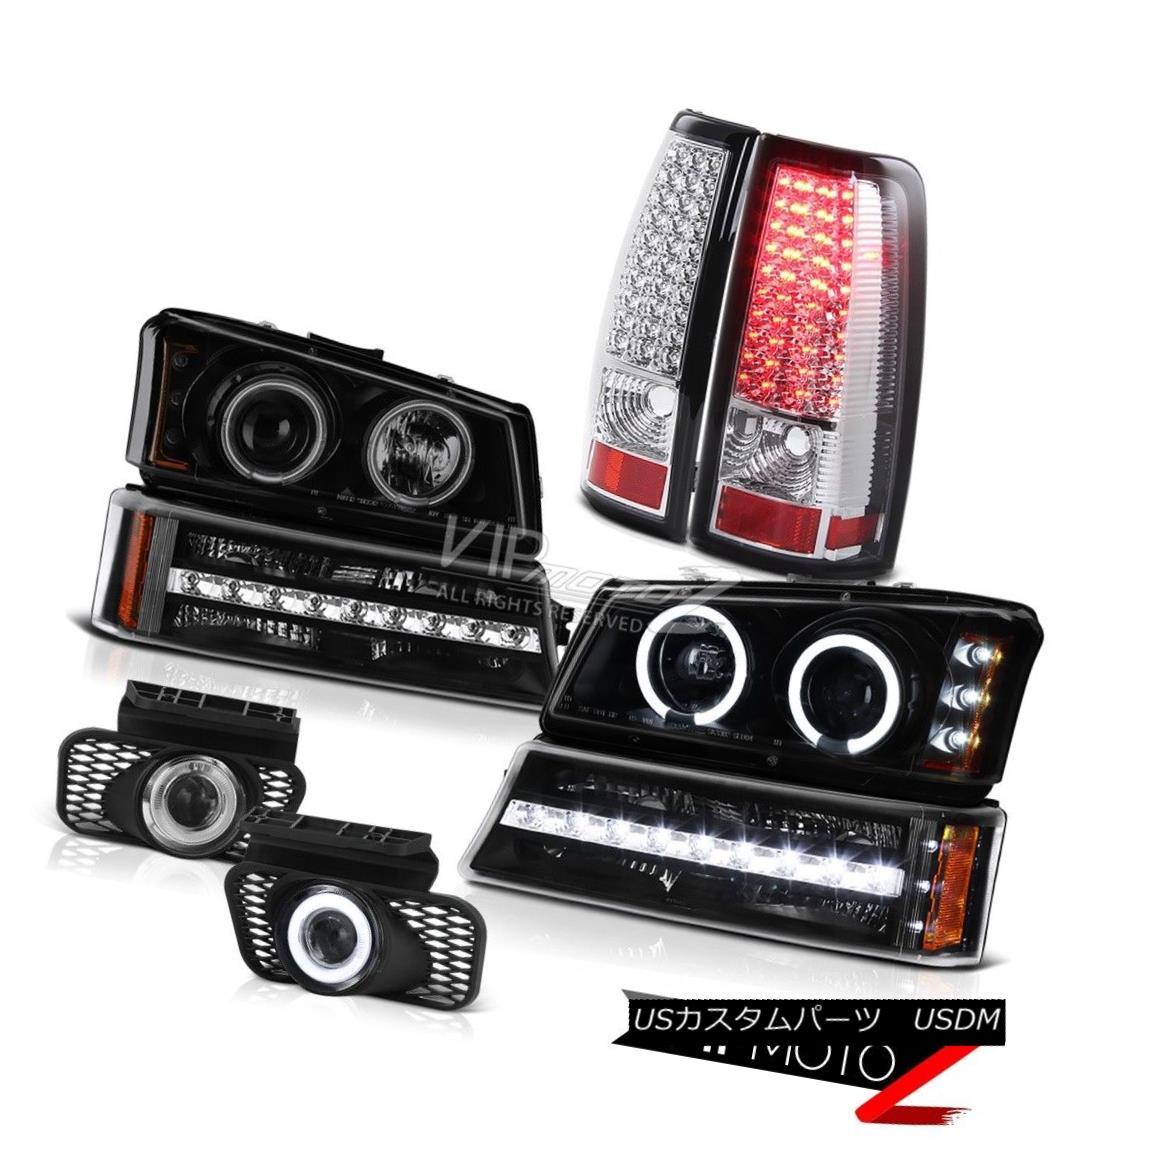 ヘッドライト 03-06 Chevy Silverado 2500HD Fog lights taillamps black signal light headlights 03-06 Chevy Silverado 2500HDフォグライトテールランプブラックシグナルライトヘッドライト